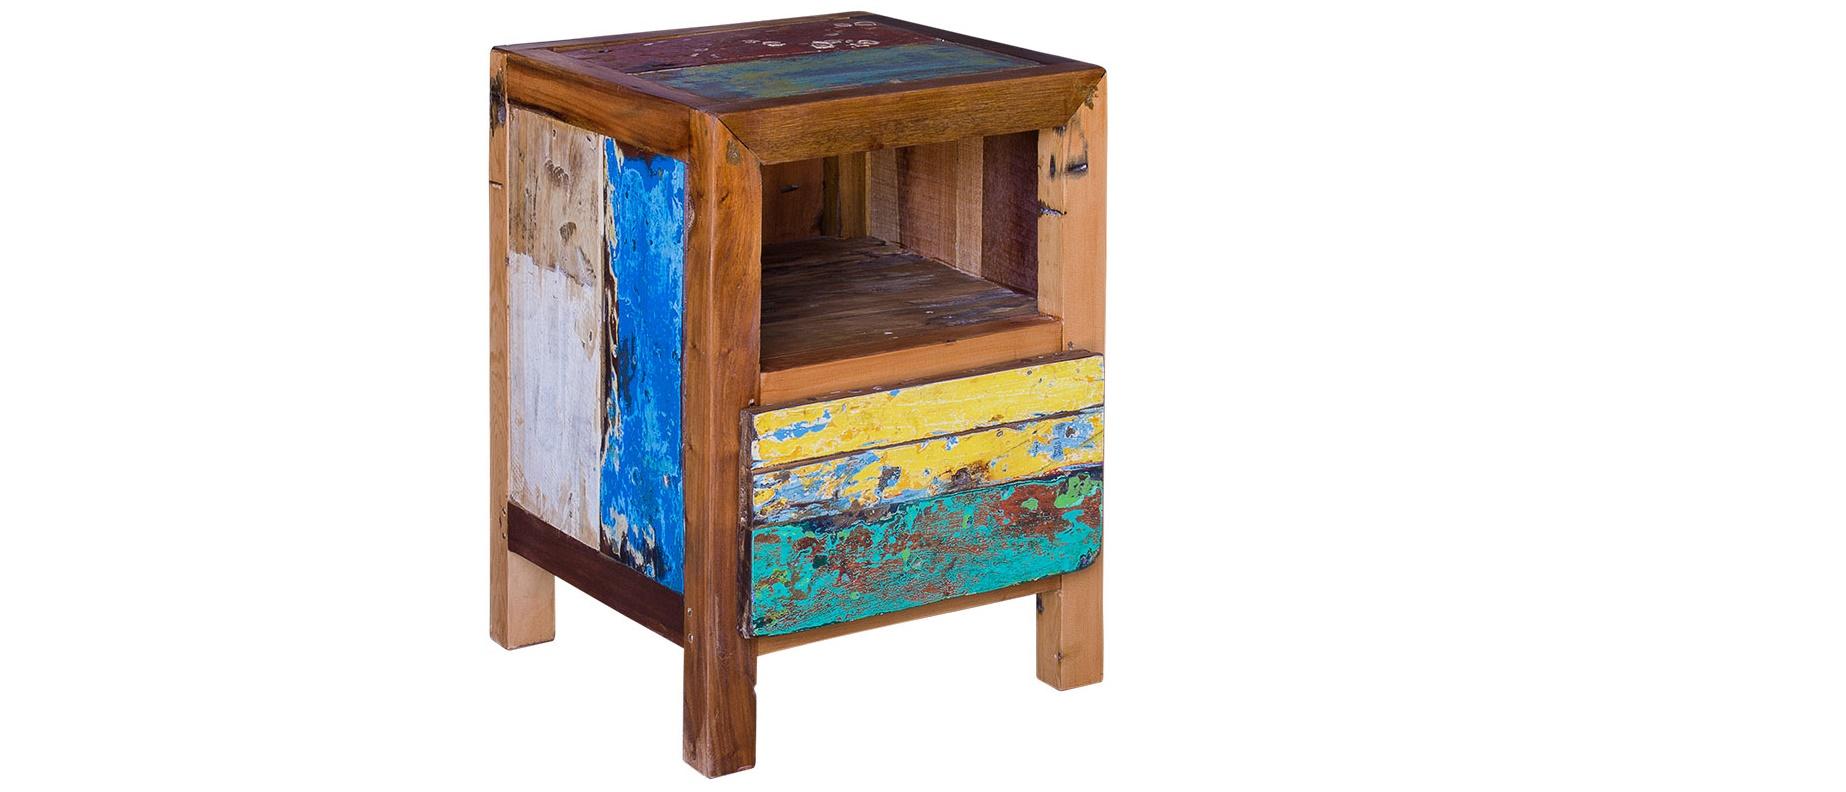 Прикроватная тумба Фон ТизПрикроватные тумбы<br>Аккуратная и миниатюрная, эта тумба выглядит очень мило. Она привлекает внимание не только простым силуэтом, но и оригинальной отделкой. Последняя создана не дизайнерами, а талантливым тандемом природы и времени. Для изготовления этой тумбы использована корабельная древесина индонезийских рыбацких лодок. Отслужив от 20 до 40 лет, она получила такой интересный облик, полный винтажного очарования. Теперь привнести его в оформление спальни будет невероятно легко.&amp;lt;div&amp;gt;&amp;lt;br&amp;gt;&amp;lt;/div&amp;gt;&amp;lt;div&amp;gt;Имеет 1 открывающуюся дверцу, 1 полку внутри и 1 открытую полку.&amp;lt;/div&amp;gt;&amp;lt;div&amp;gt;Подходит для использования как внутри помещения, так и снаружи.&amp;lt;/div&amp;gt;&amp;lt;div&amp;gt;Сборка не требуется.&amp;lt;/div&amp;gt;&amp;lt;div&amp;gt;Страна производитель - Индонезия.&amp;lt;/div&amp;gt;<br><br>Material: Тик<br>Ширина см: 60<br>Высота см: 40